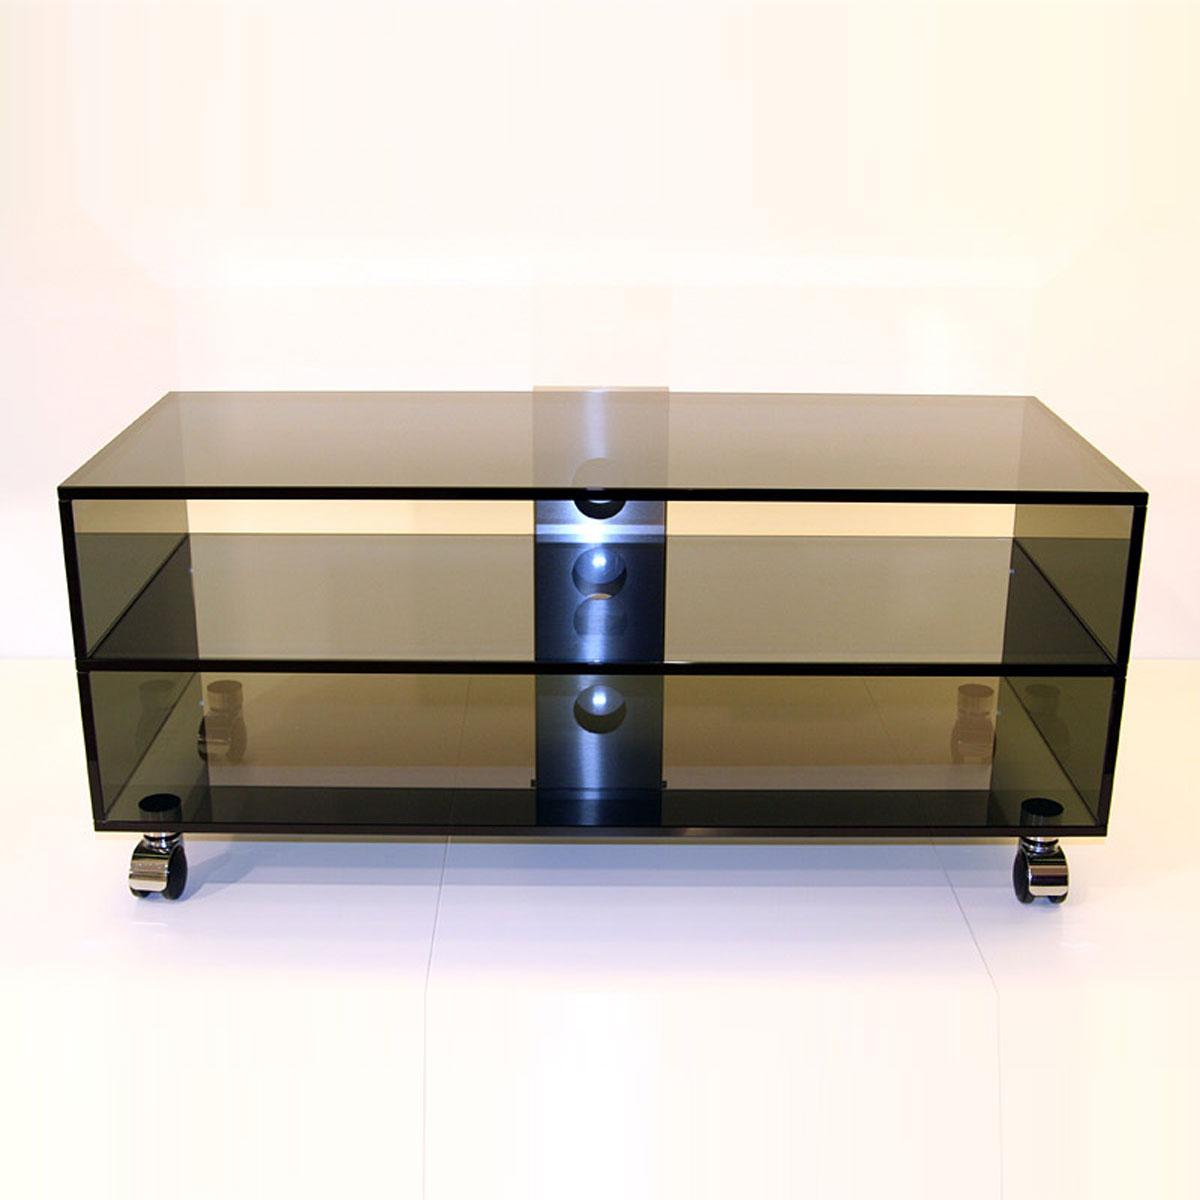 Ein rollbares Hifi TV Glasmöbel zur Unterbringung ihrer Audio und ihrem Fernsehgerät. 2 Ablagefächer. Mit Kabelkanal. Sondermaße möglich. Modell Mid Roll 2 Stock von Glass Concept.